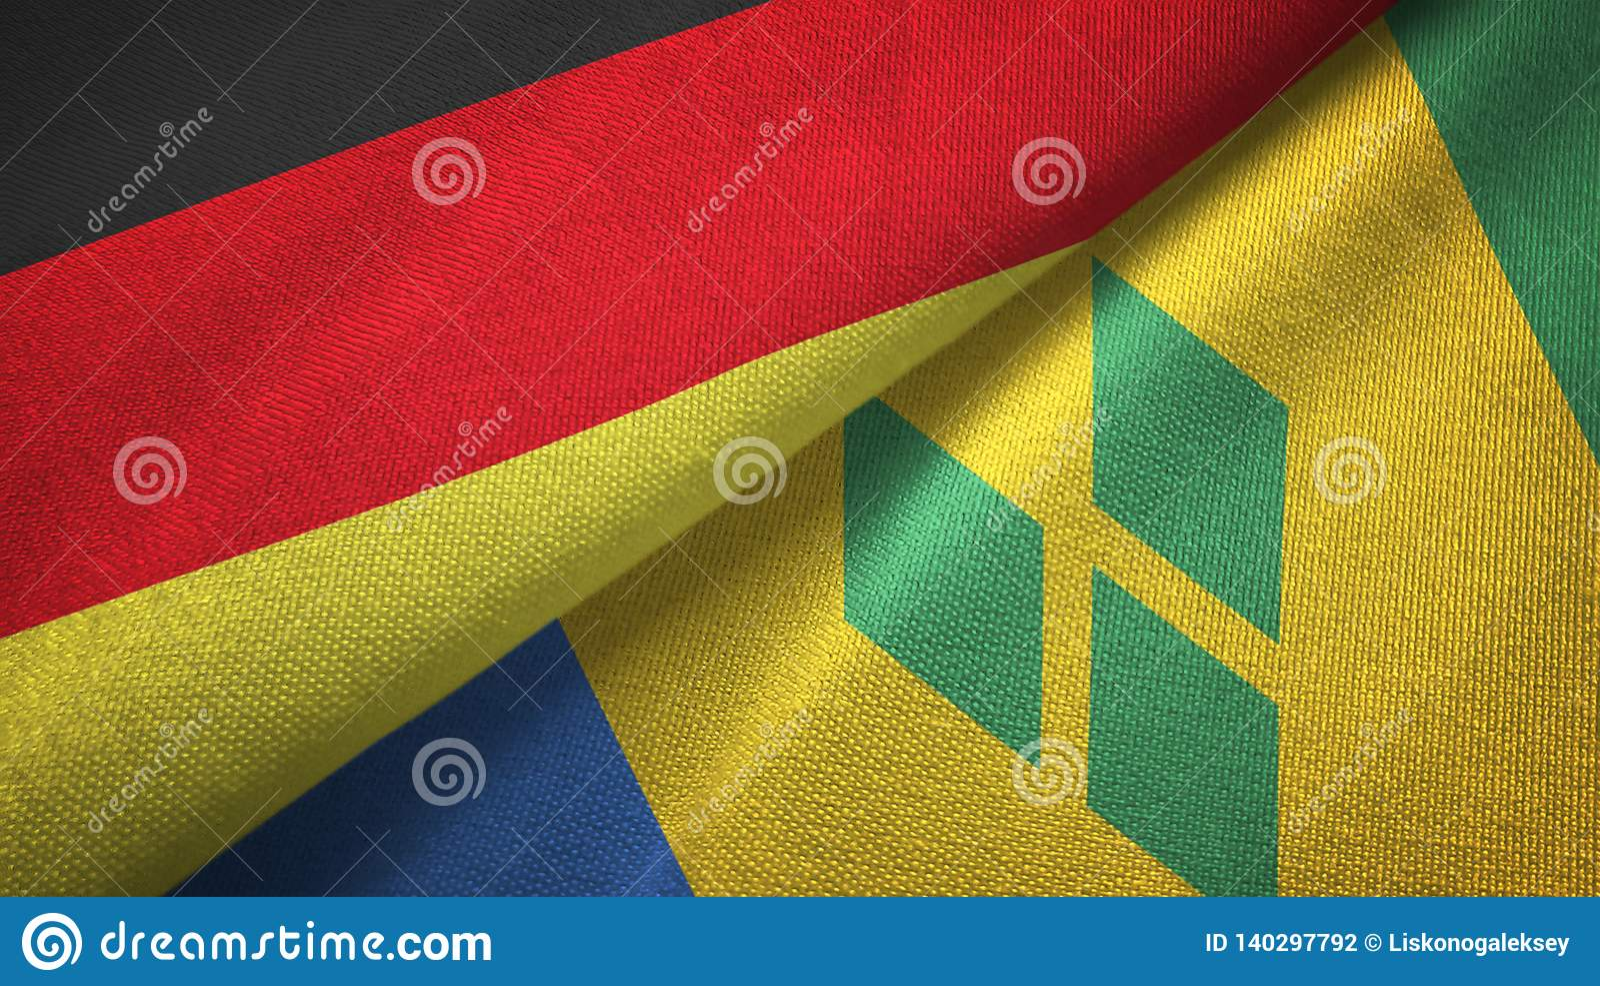 Γερμανία και Άγιος Βικέντιος και Γρεναδίνες δύο υφαντικό ύφασμα σημαιών